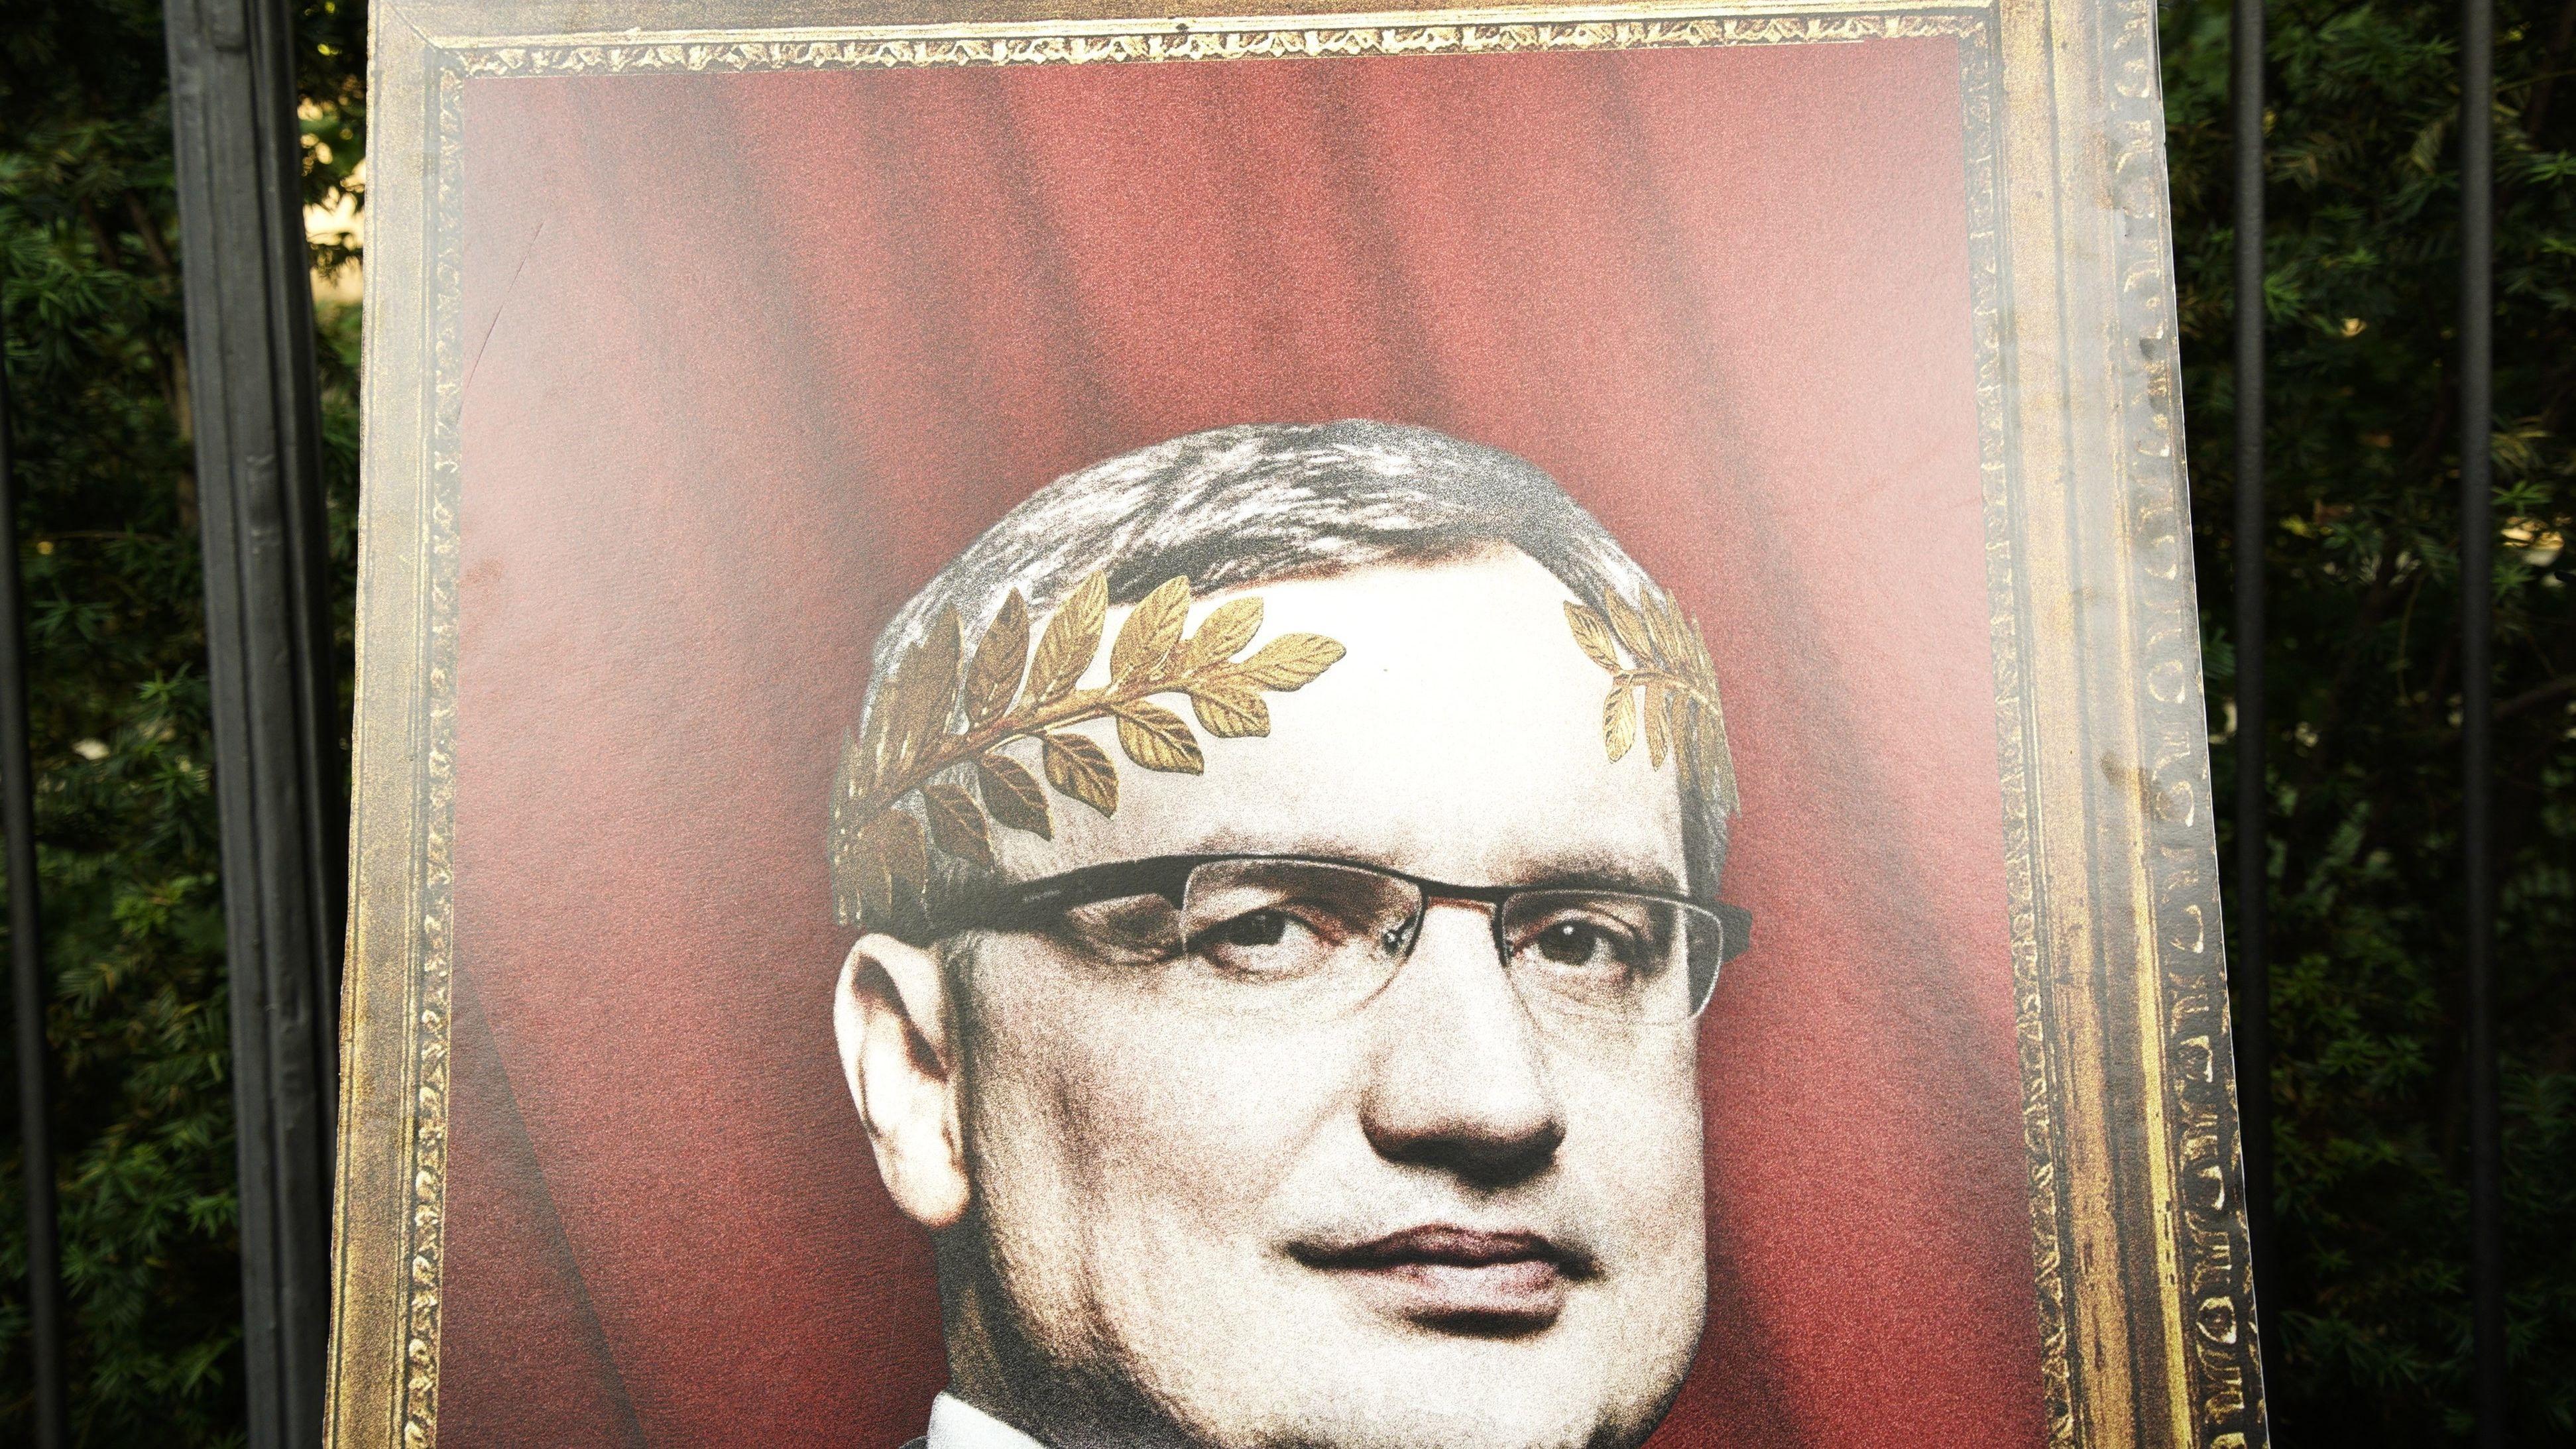 Demonstranten fordern vor dem Amtssitz des polnischen Premierministers den Rücktritt von Justizminister Zbigniew Ziobro und haben ein Foto aufgestellt, bei dem er nach antik-römischem Vorbild einen goldnenen Lorbeerkranz trägt. Er soll in eine Kampagne gegen Richter verwickelt sein.